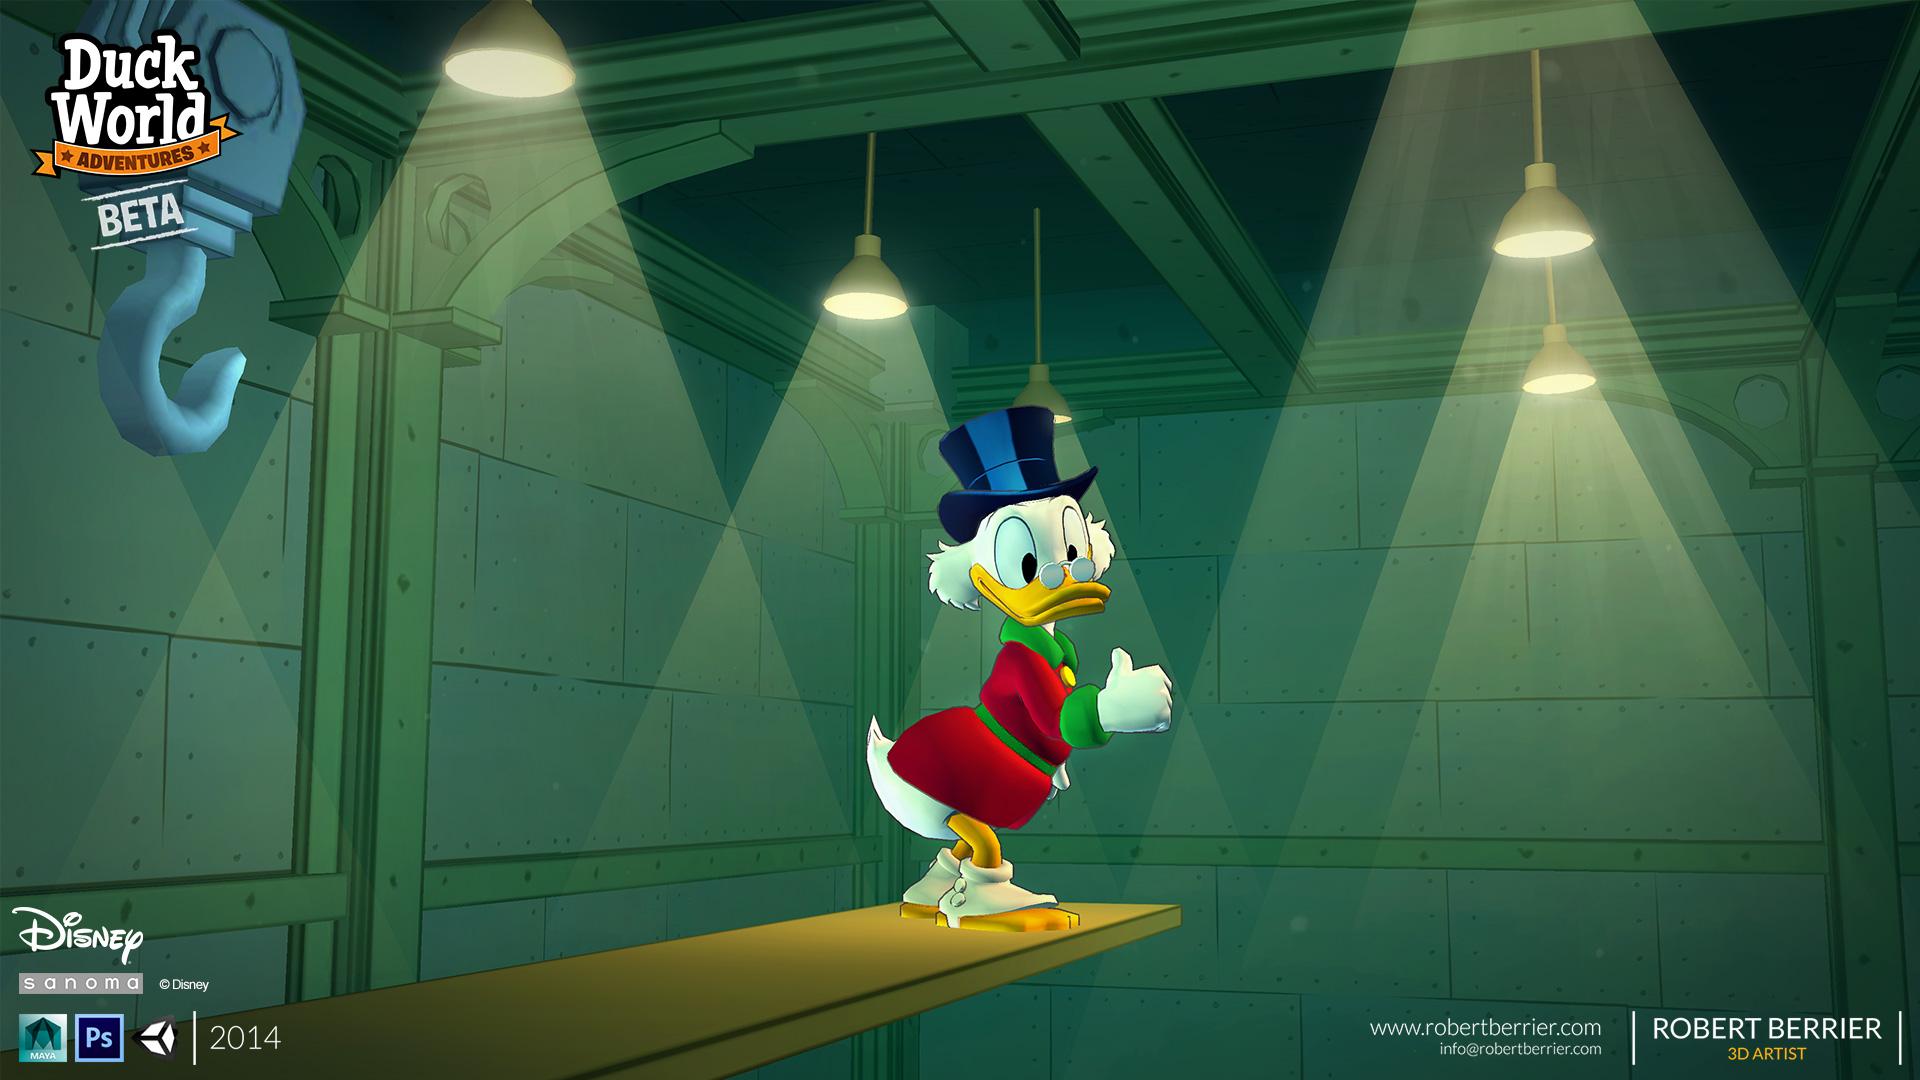 Robert Berrier - Disney - Duck World - Money Dive